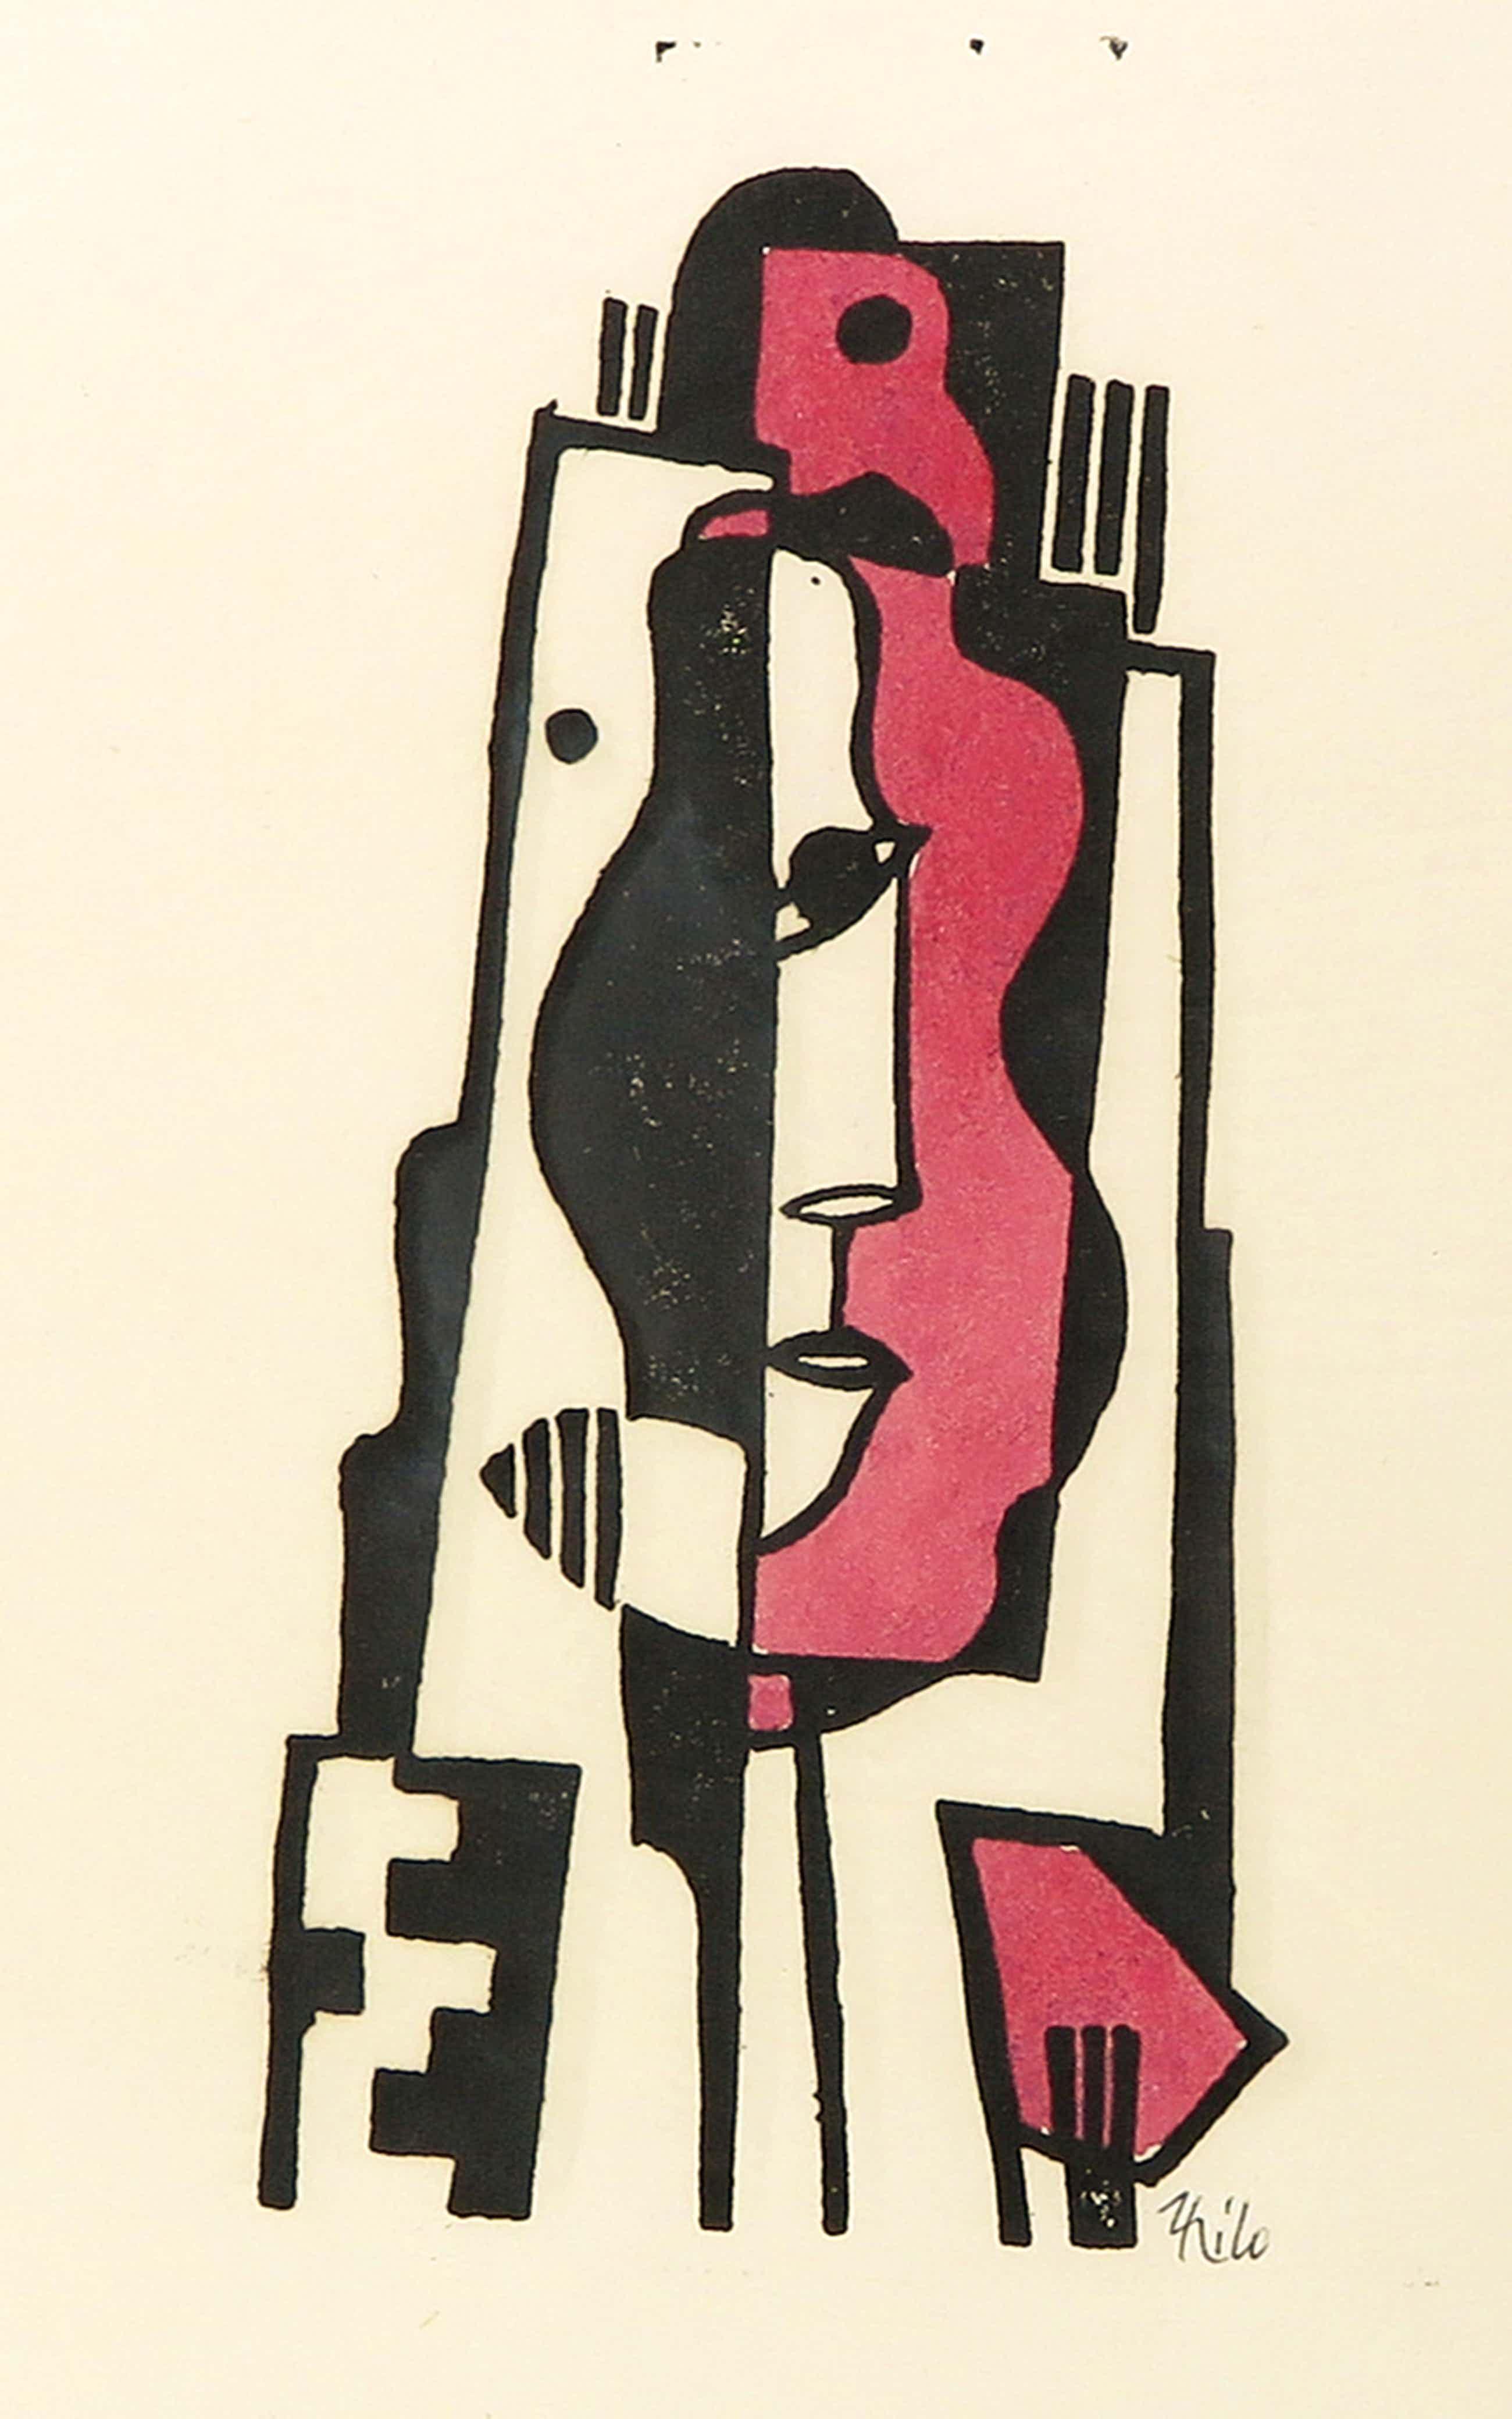 Thilo Maatsch - Houtsnede, Abstracte compositie - Ingelijst kopen? Bied vanaf 50!